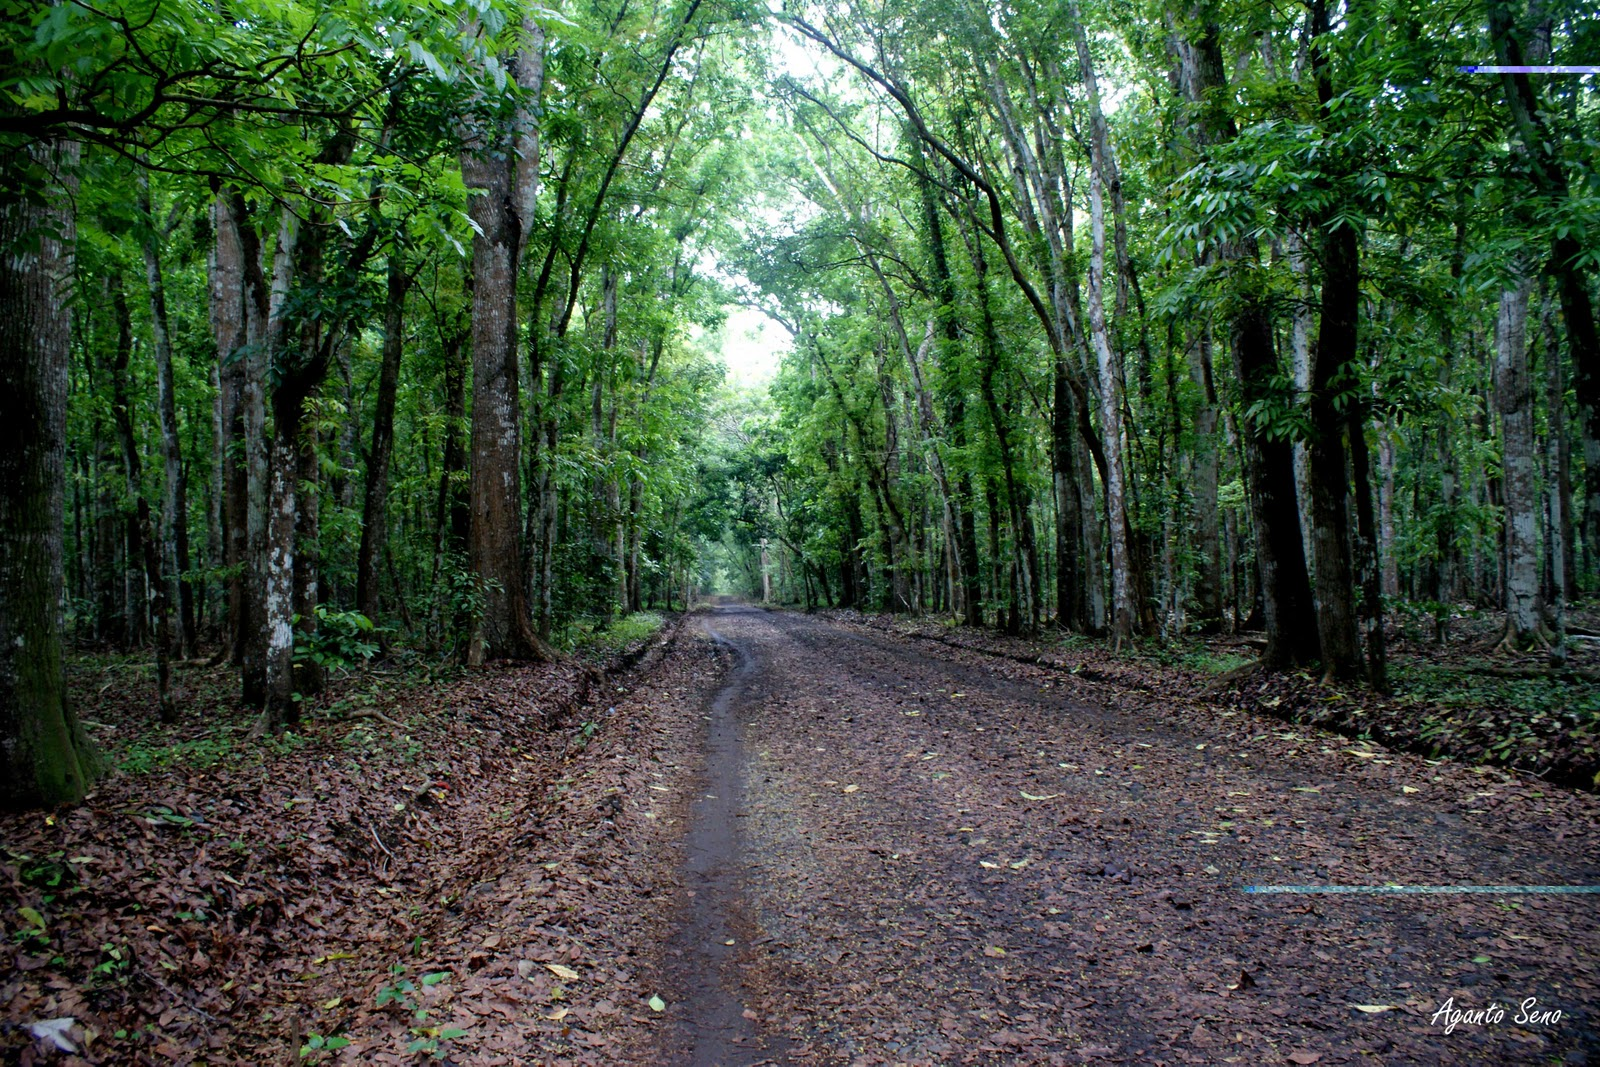 abouttourismbanyuwangi.blogspot.com